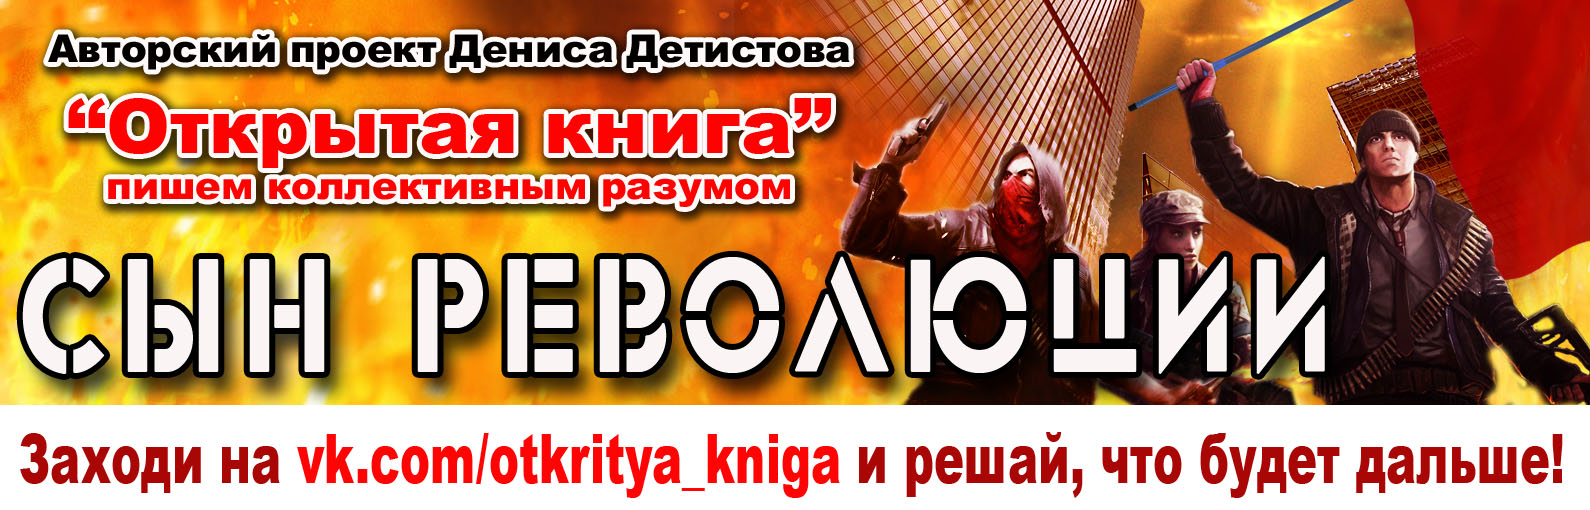 Секс Кызрдан Алматы Телефон Вк